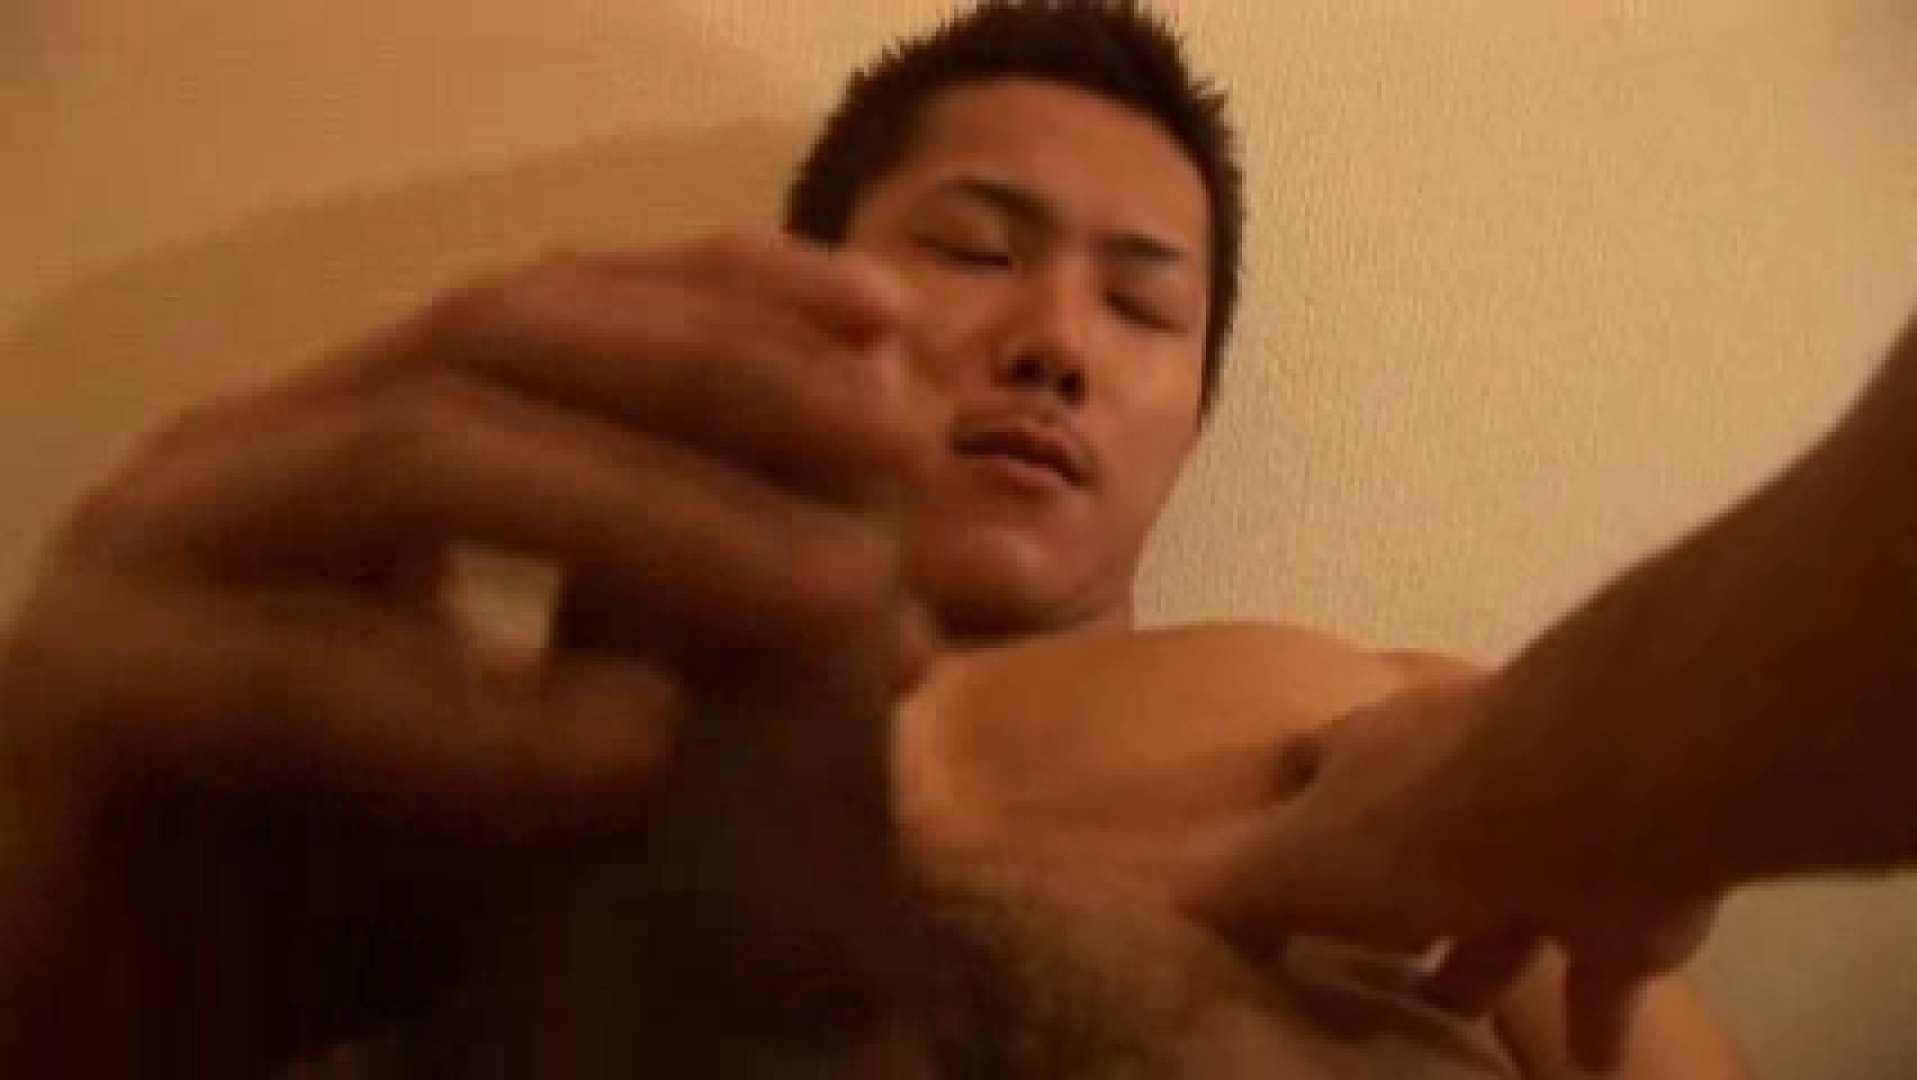 イケメン!!炸裂 Muscle  Stick!! その3 ハメ撮り ゲイAV紹介 66枚 13